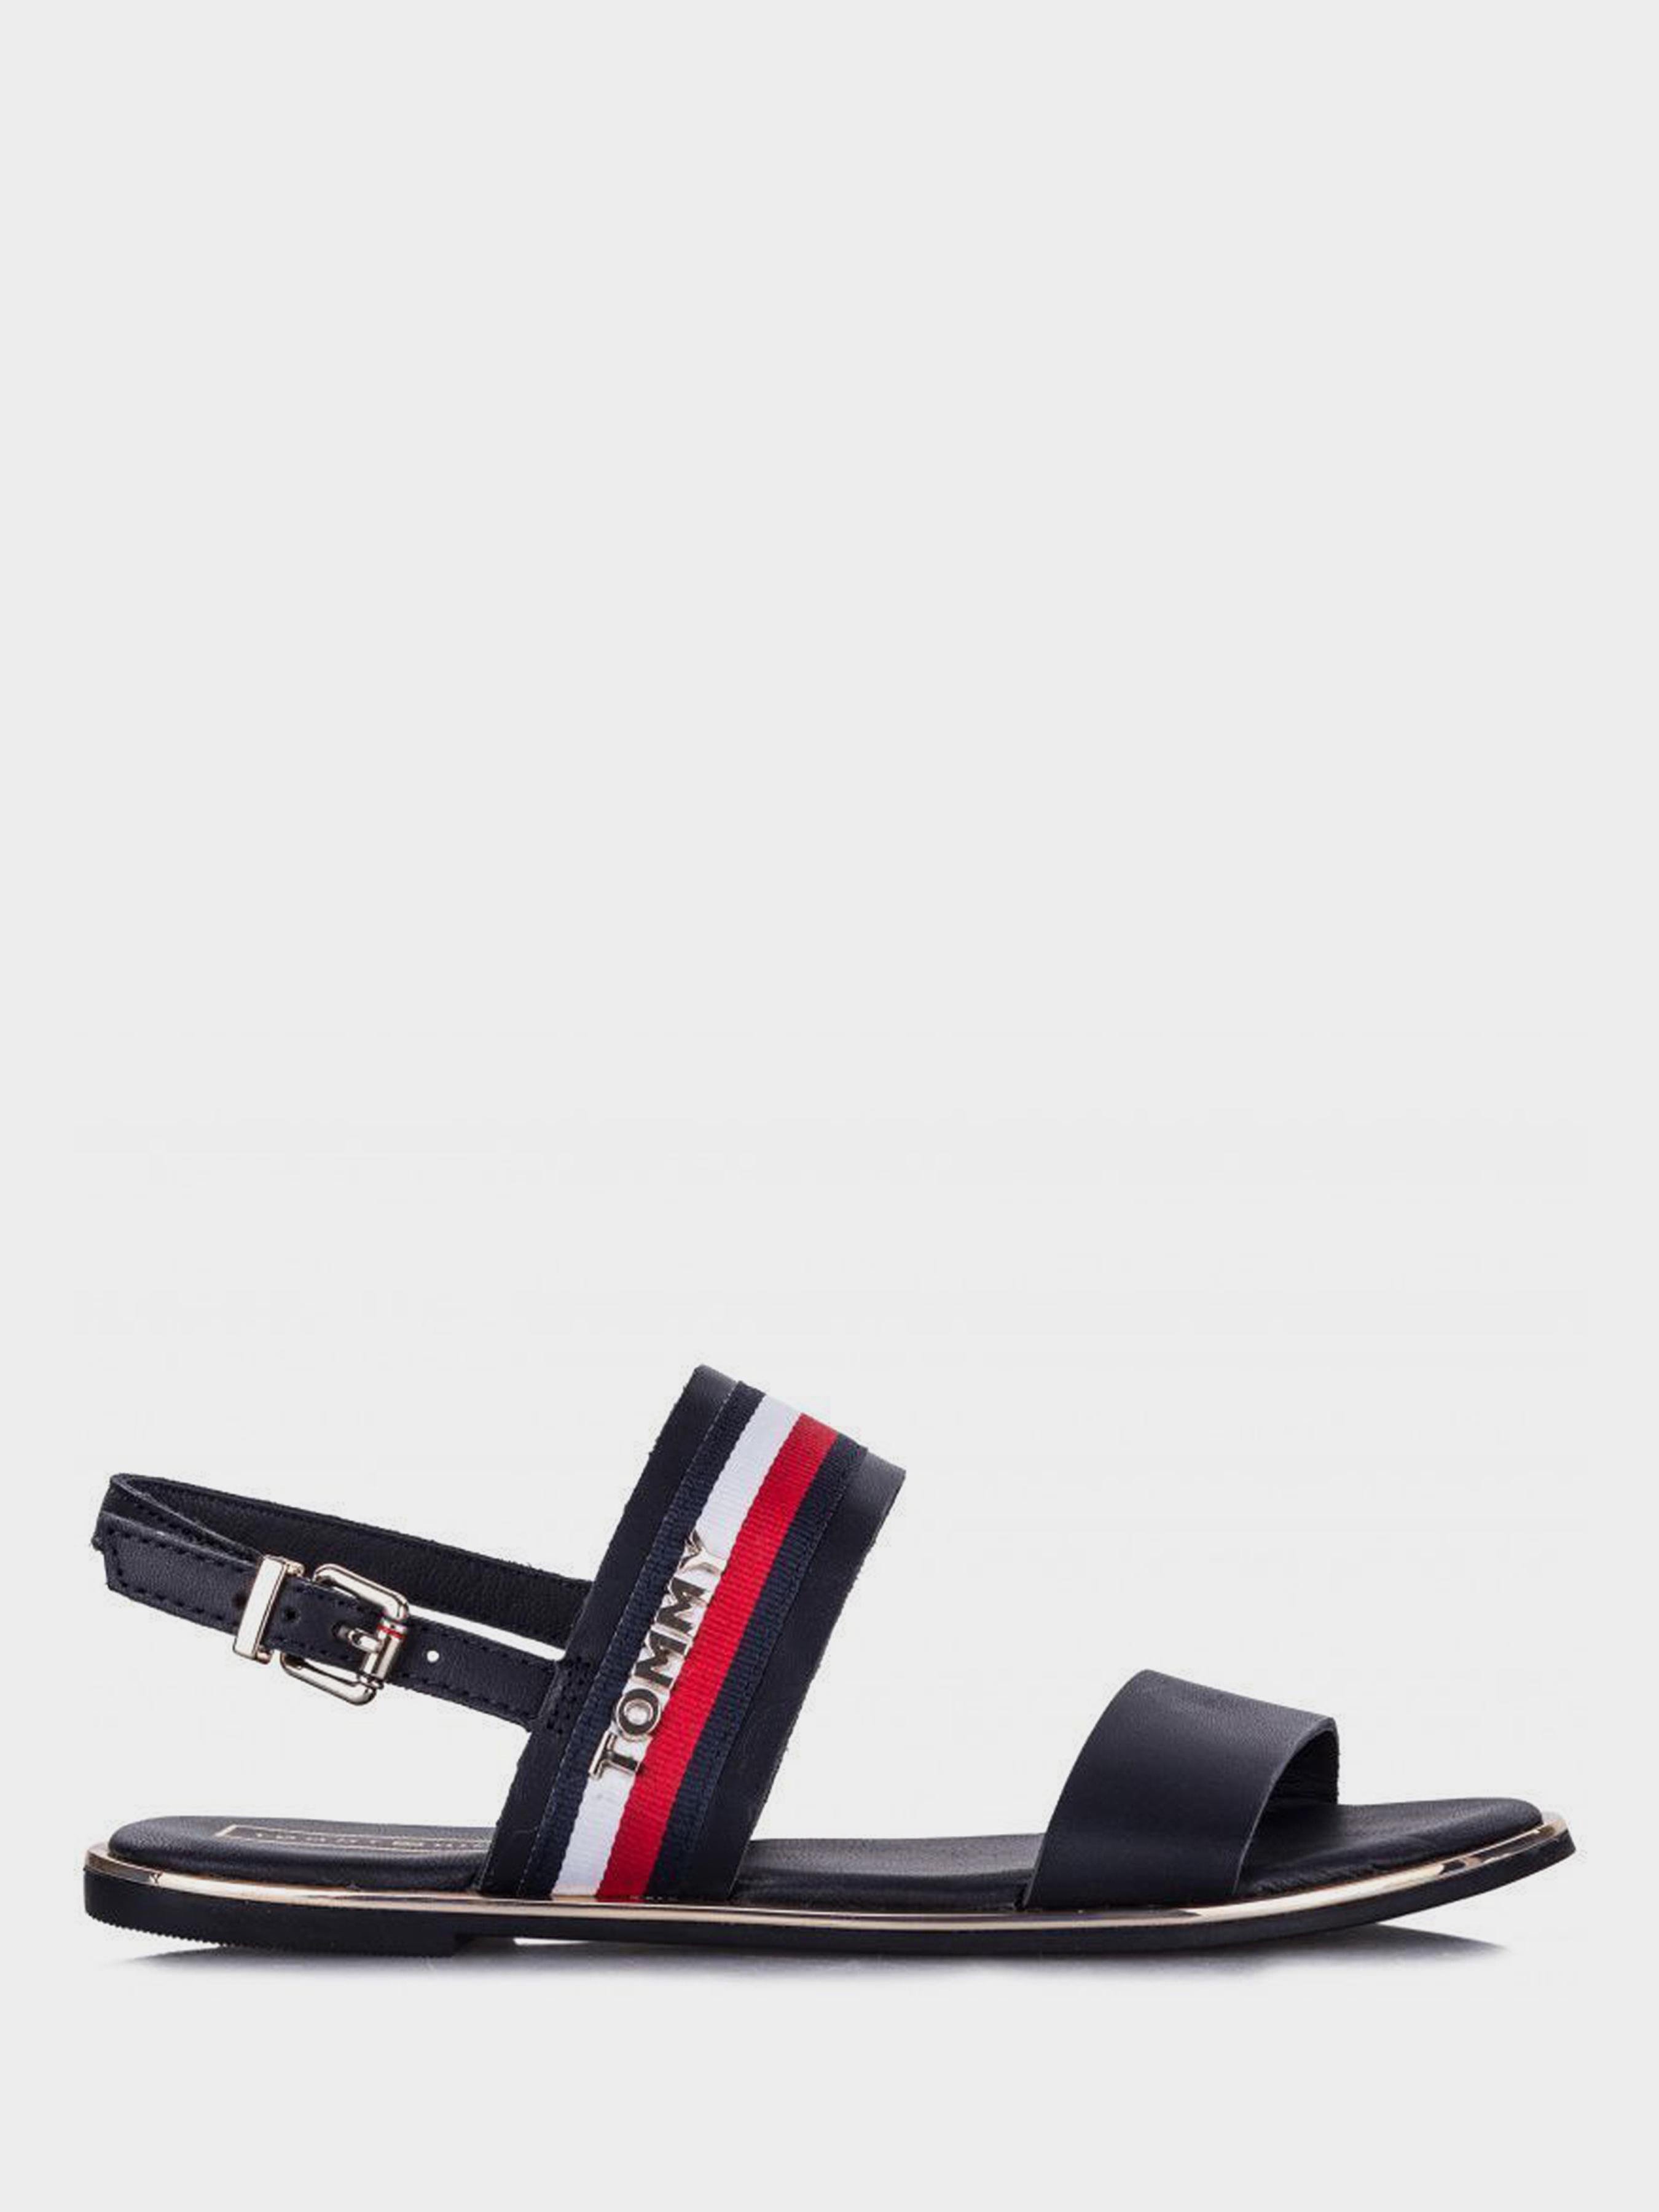 Сандалии женские Tommy Hilfiger TD1248 модная обувь, 2017